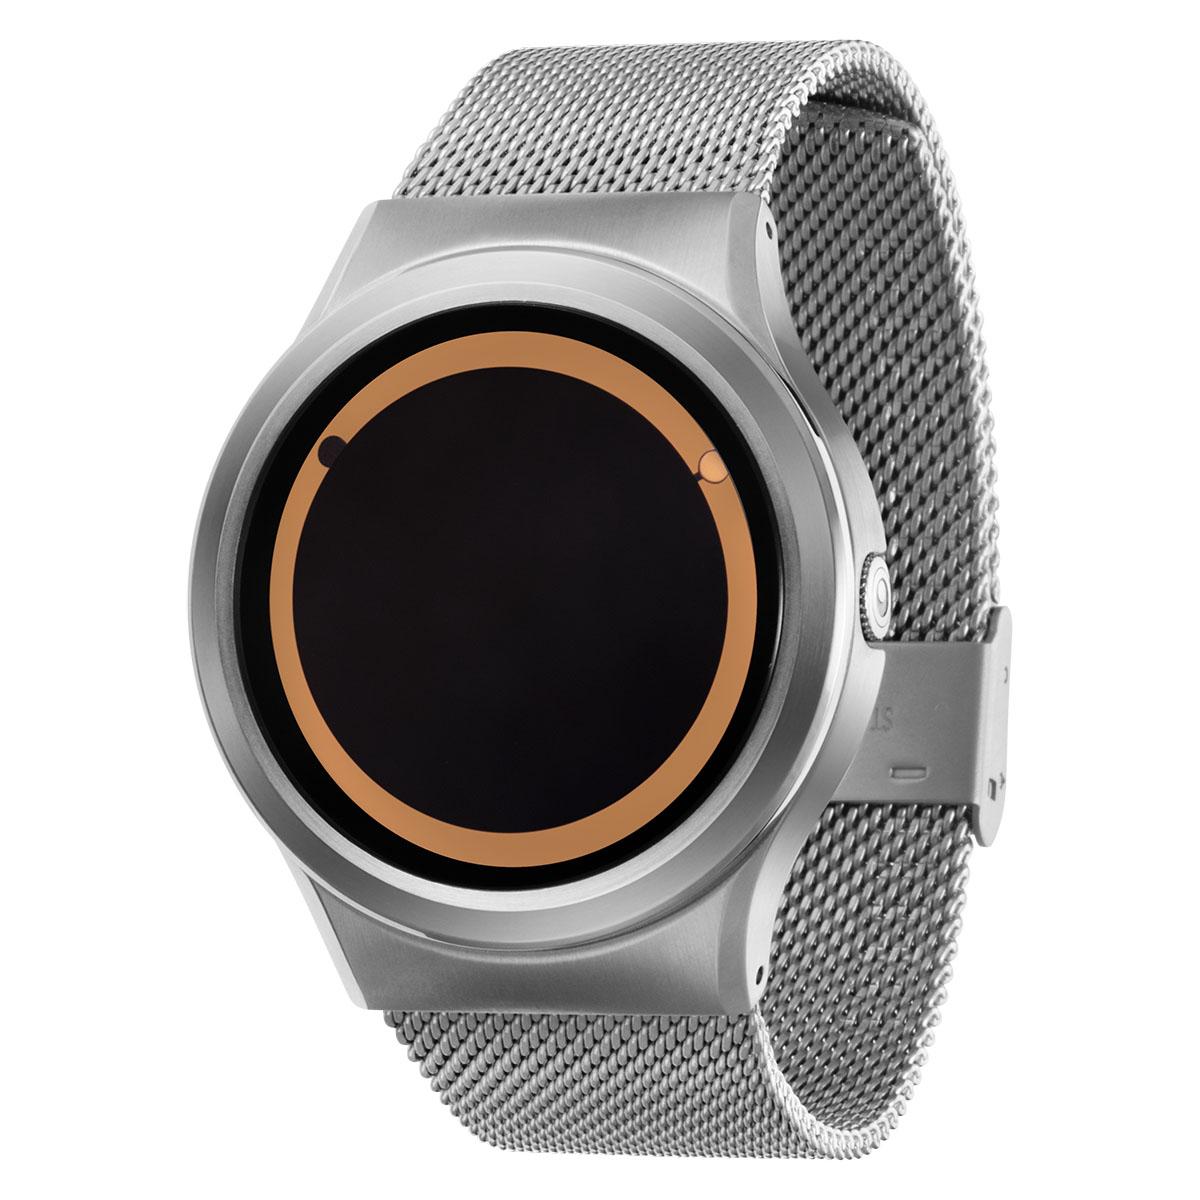 格安激安 ファッションウォッチ デザインウォッチ 5ATM メーカー保障12ヶ月 ベルト調整用工具 LOGO入りクロス 取扱説明書 ZIIIROとは関係ありません ZEROOTIME ゼロタイム ZEROO PLANET おしゃれ時計 電池式クォーツ W13029B01SM01 ベージュ デザイナーズ ECLIPSE ペア用 メンズ 再再販 ゼロ 腕時計 ユニセックス レディース